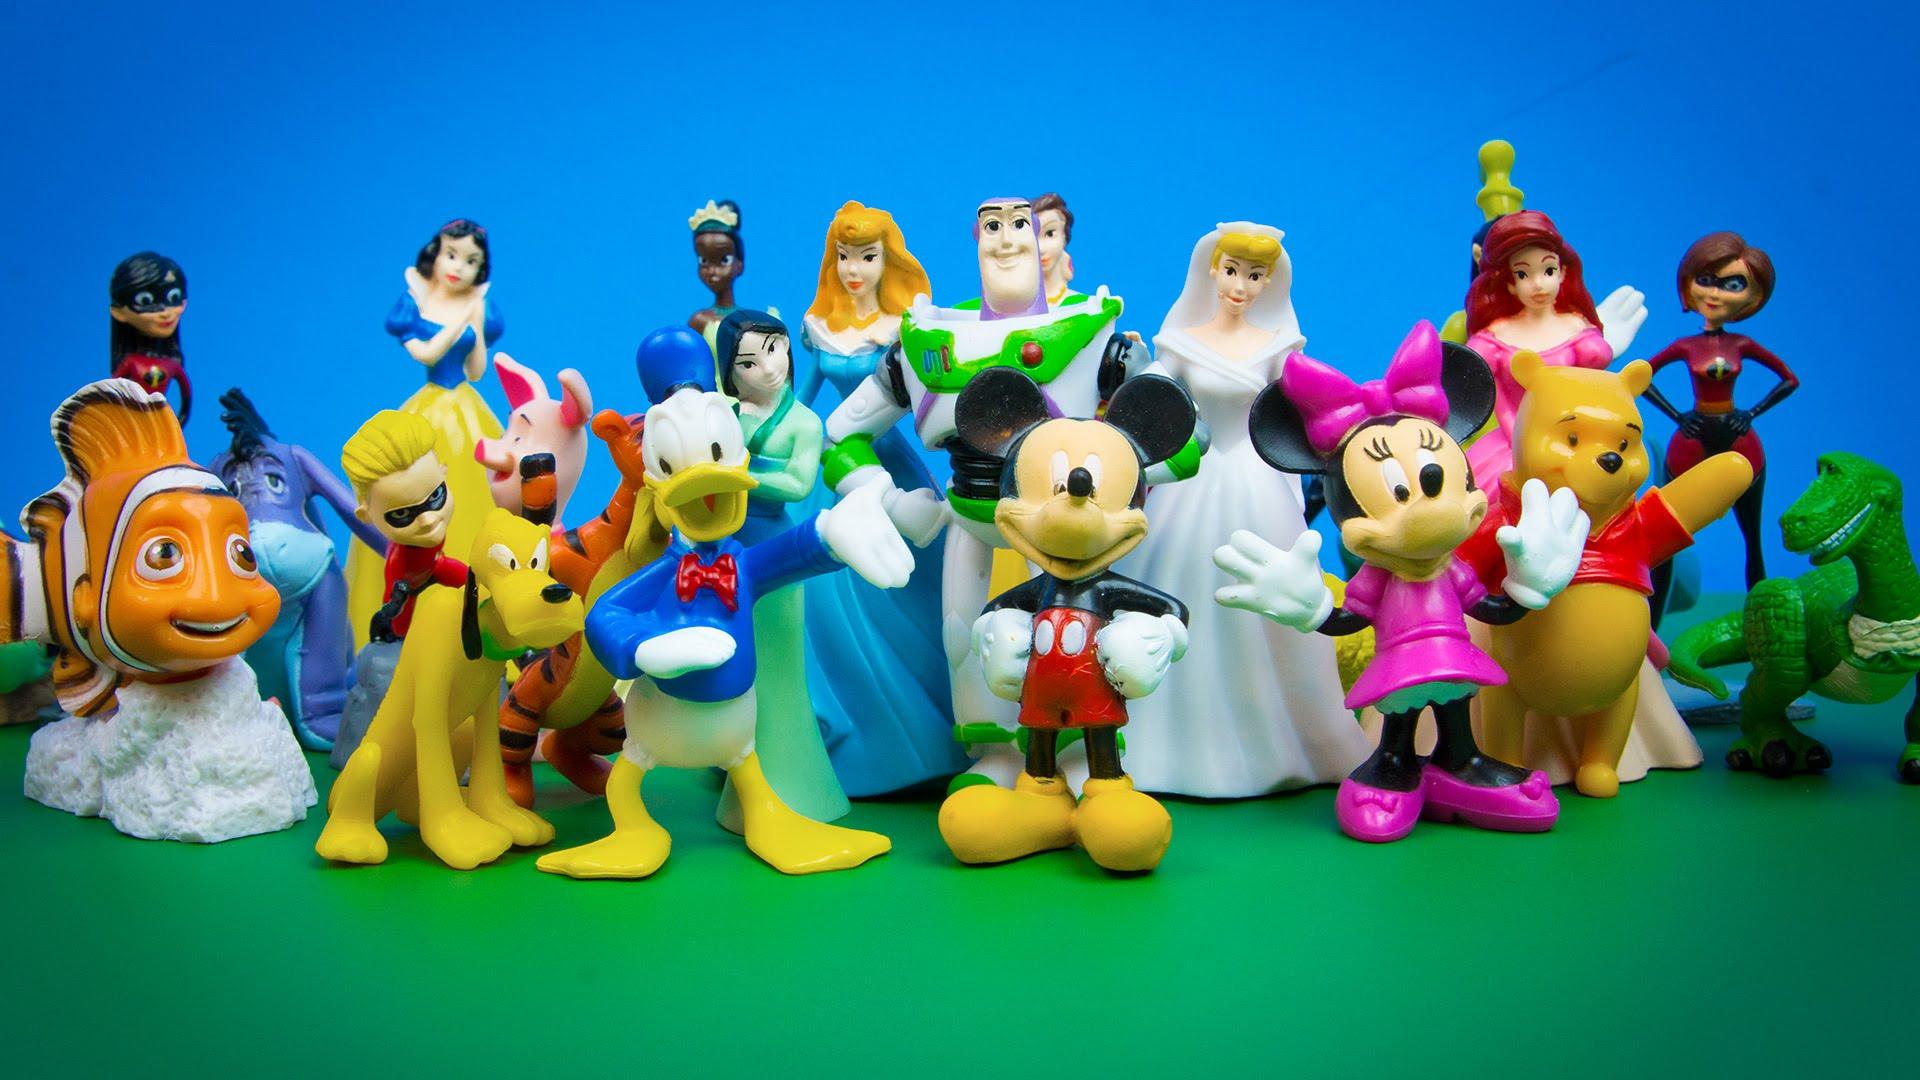 ディズニーがスキャン防止用素材の特許を申請